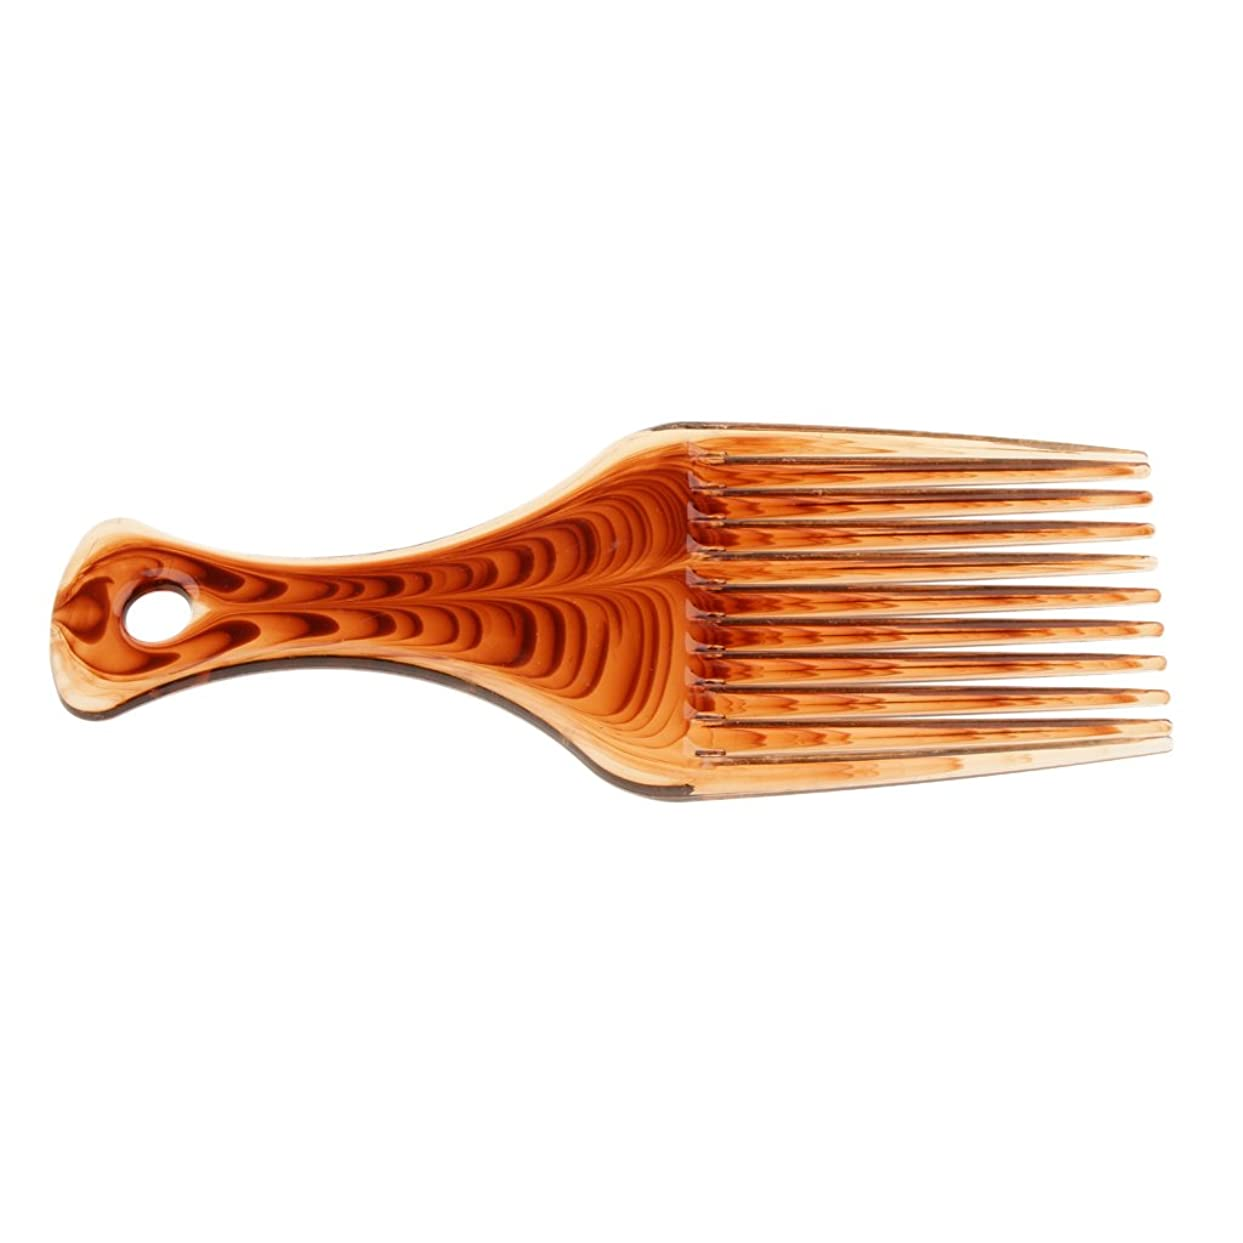 故障消費する全能Blesiya ヘアブラシ 髪の櫛 アフロ 櫛 プロ 実用的 ヘアスタイリング 持ち上げ ヘアブラシ